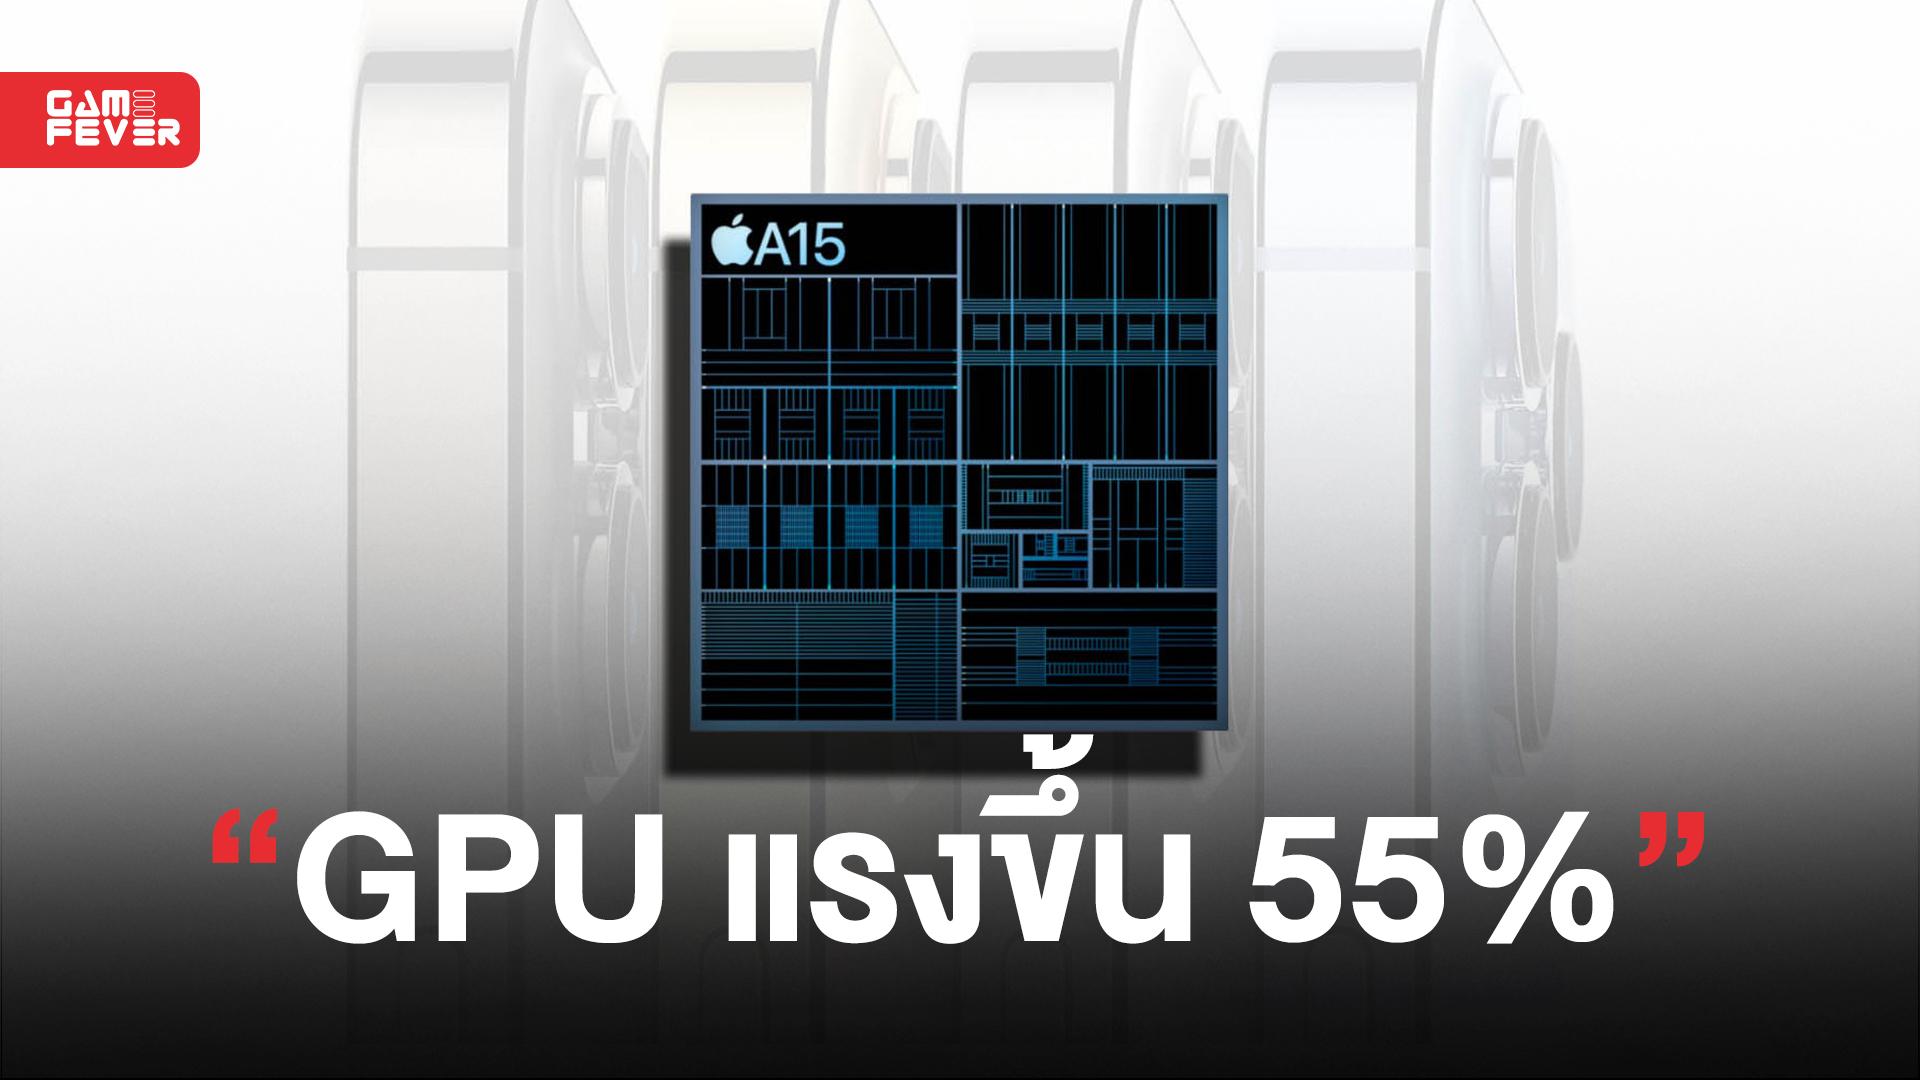 ผลทดสอบ GPU ของ iPhone 13 Pro แรงกว่า iPhone 12 PRo ถึง 55%